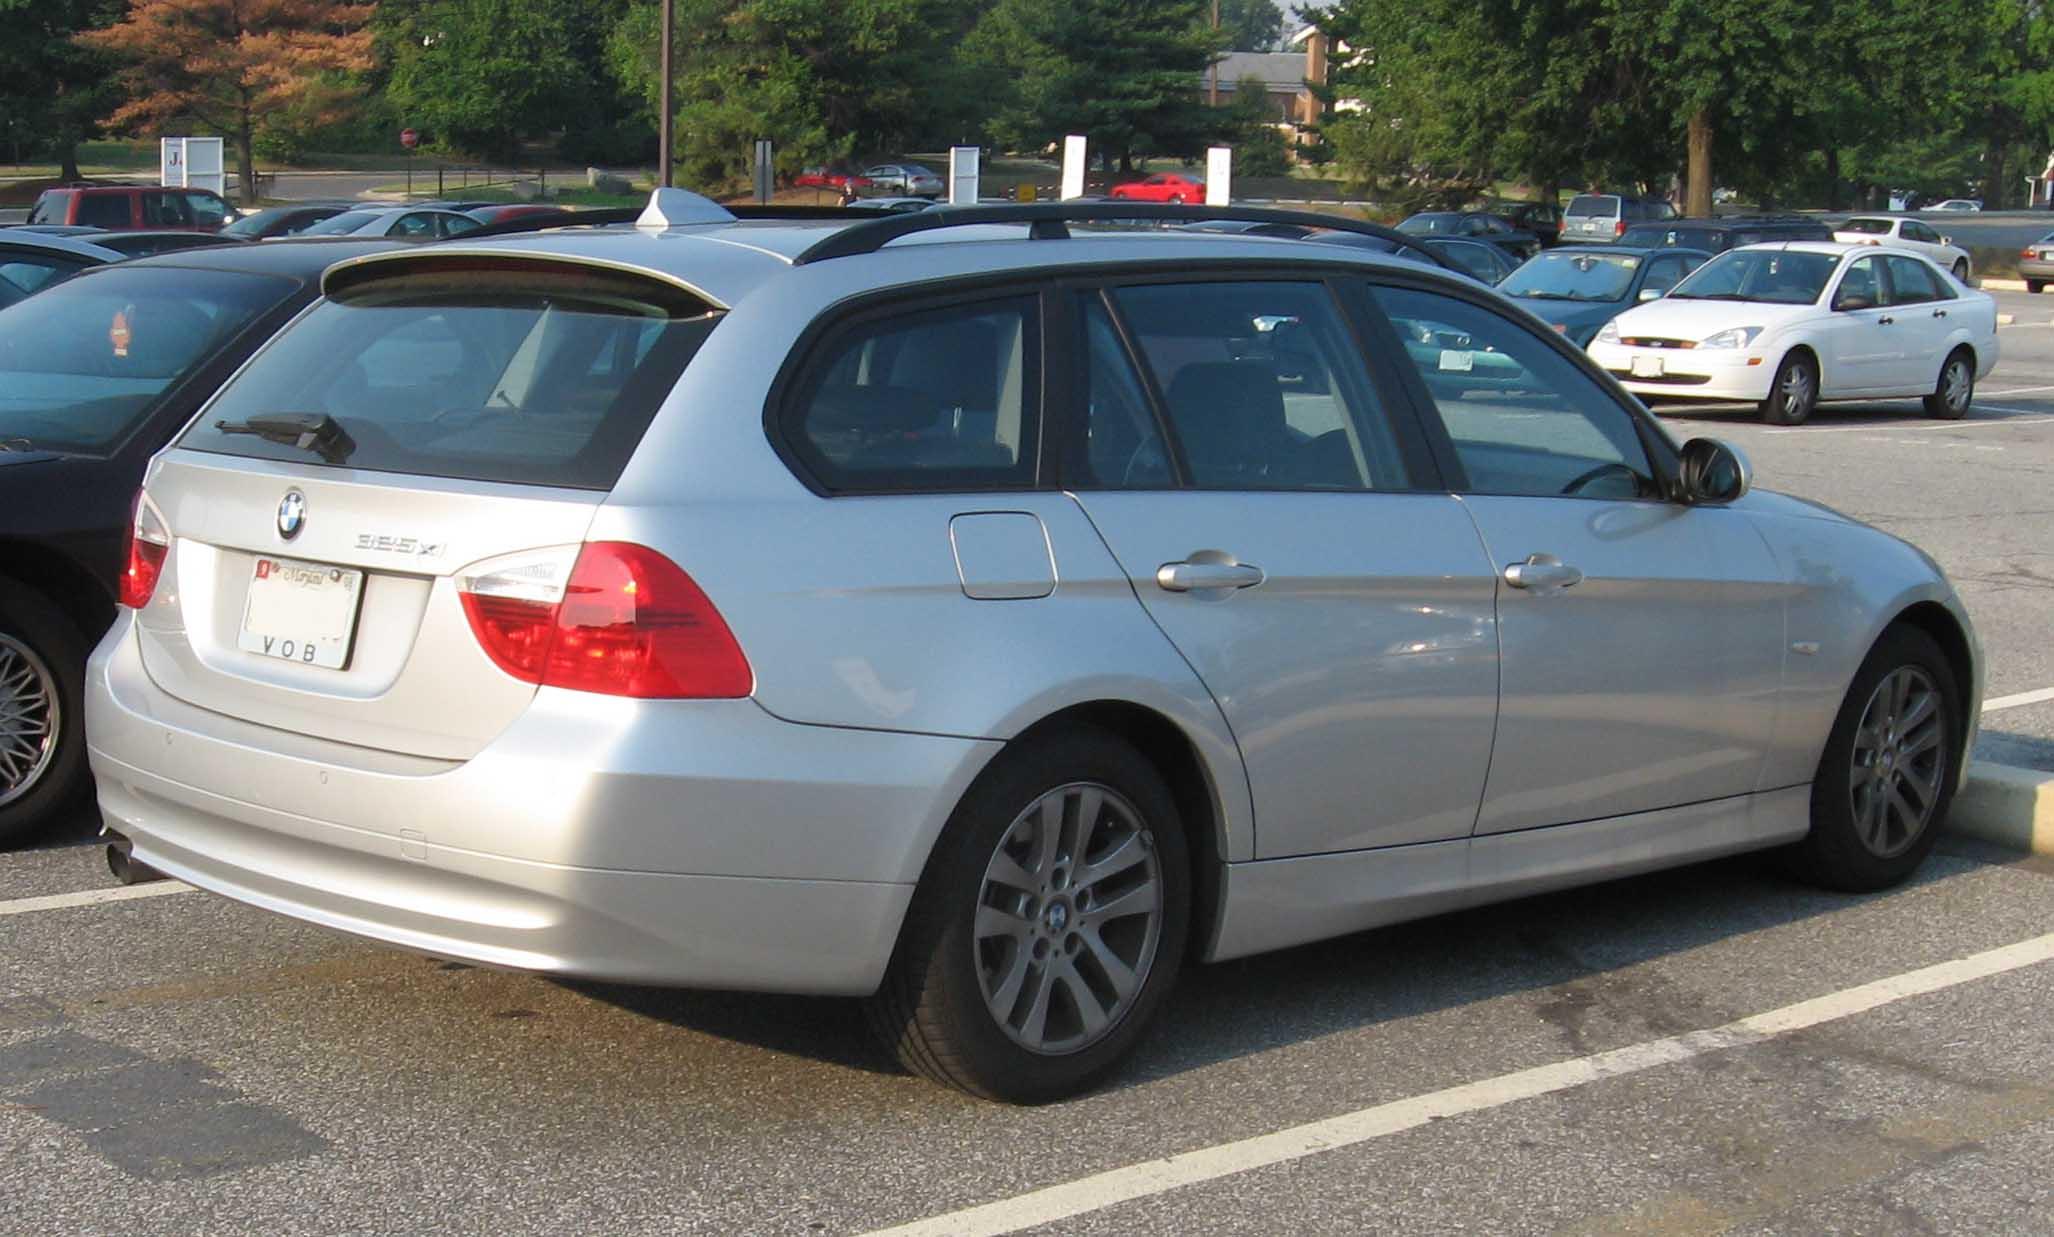 File:2006 Bmw 325xi Wagon.jpg